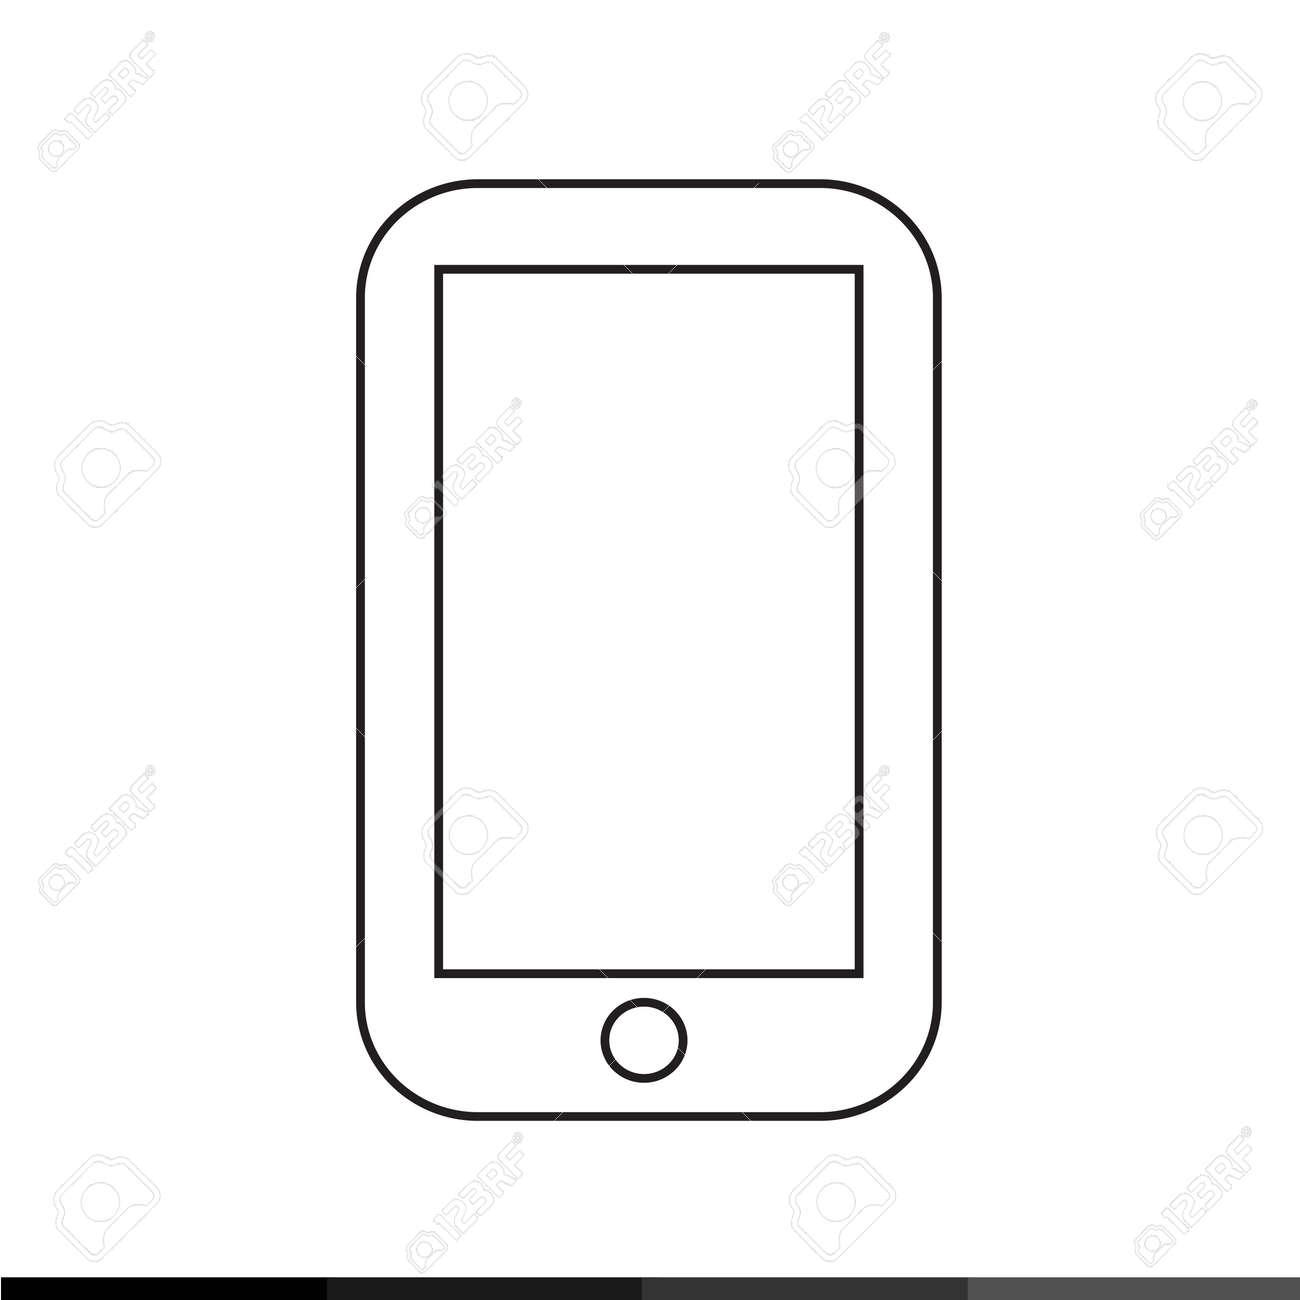 携帯電話アイコン イラスト デザイン ロイヤリティフリークリップアート